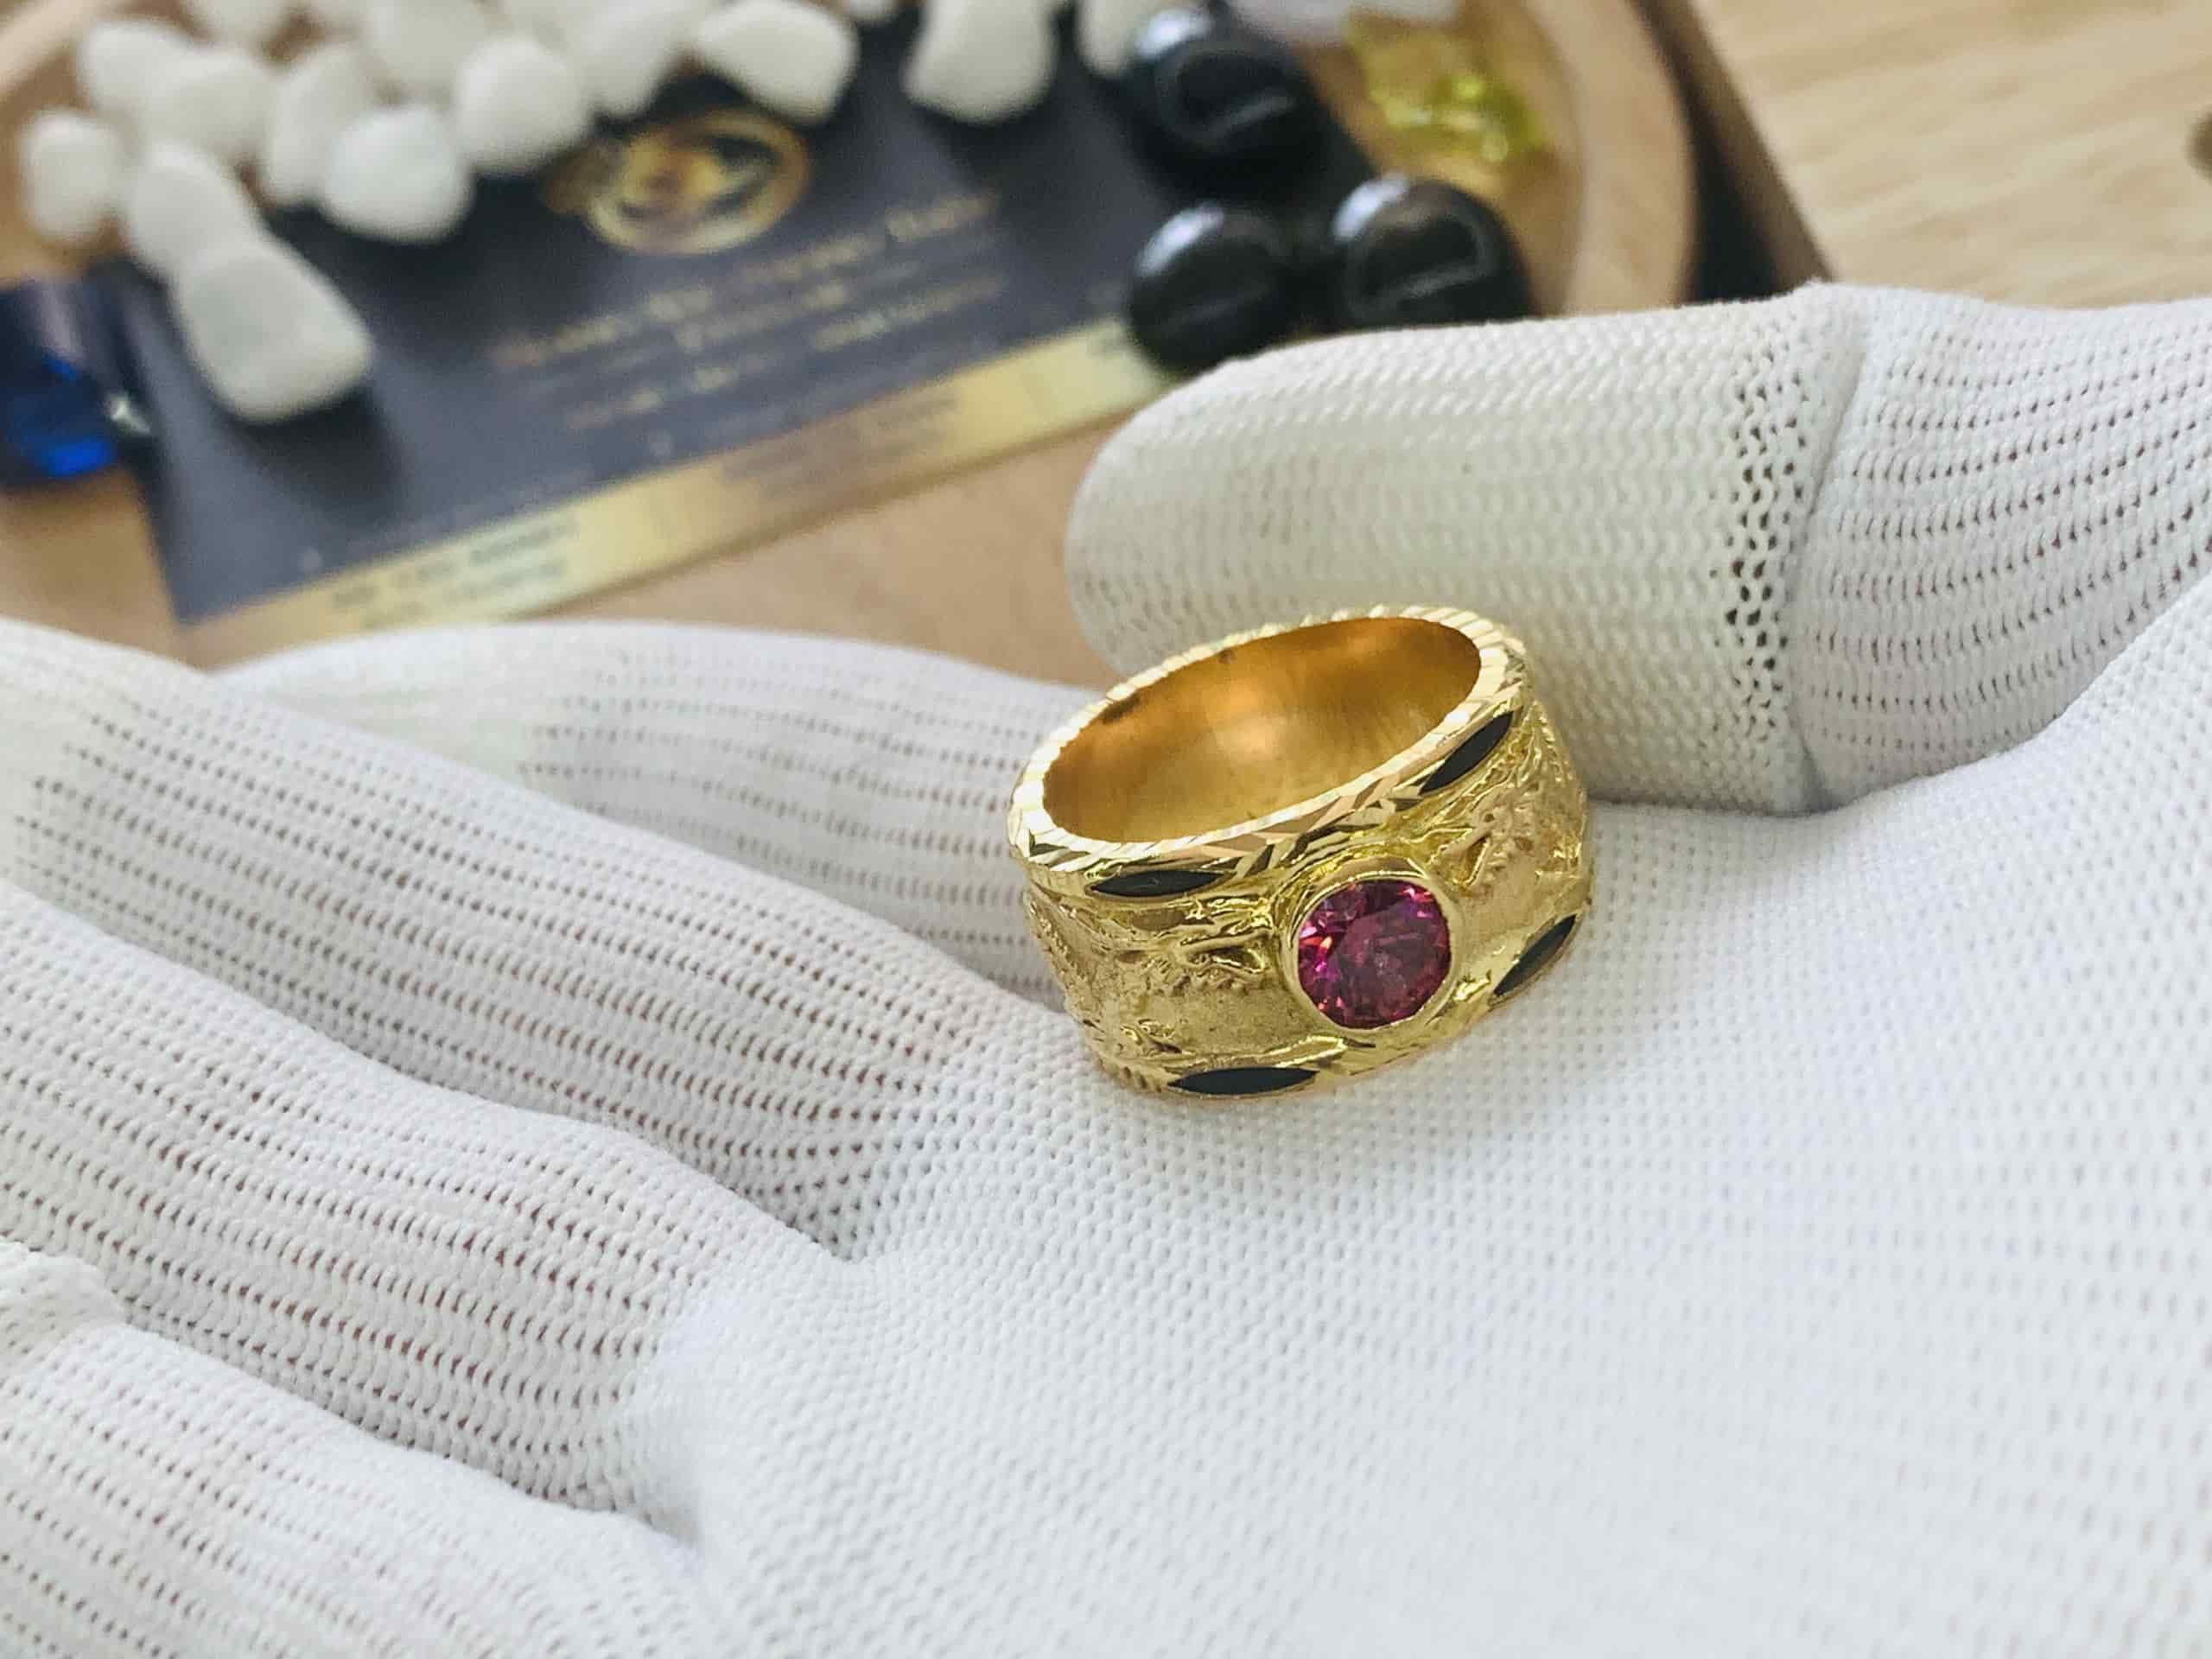 Nhẫn vàng chạm hình Rồng